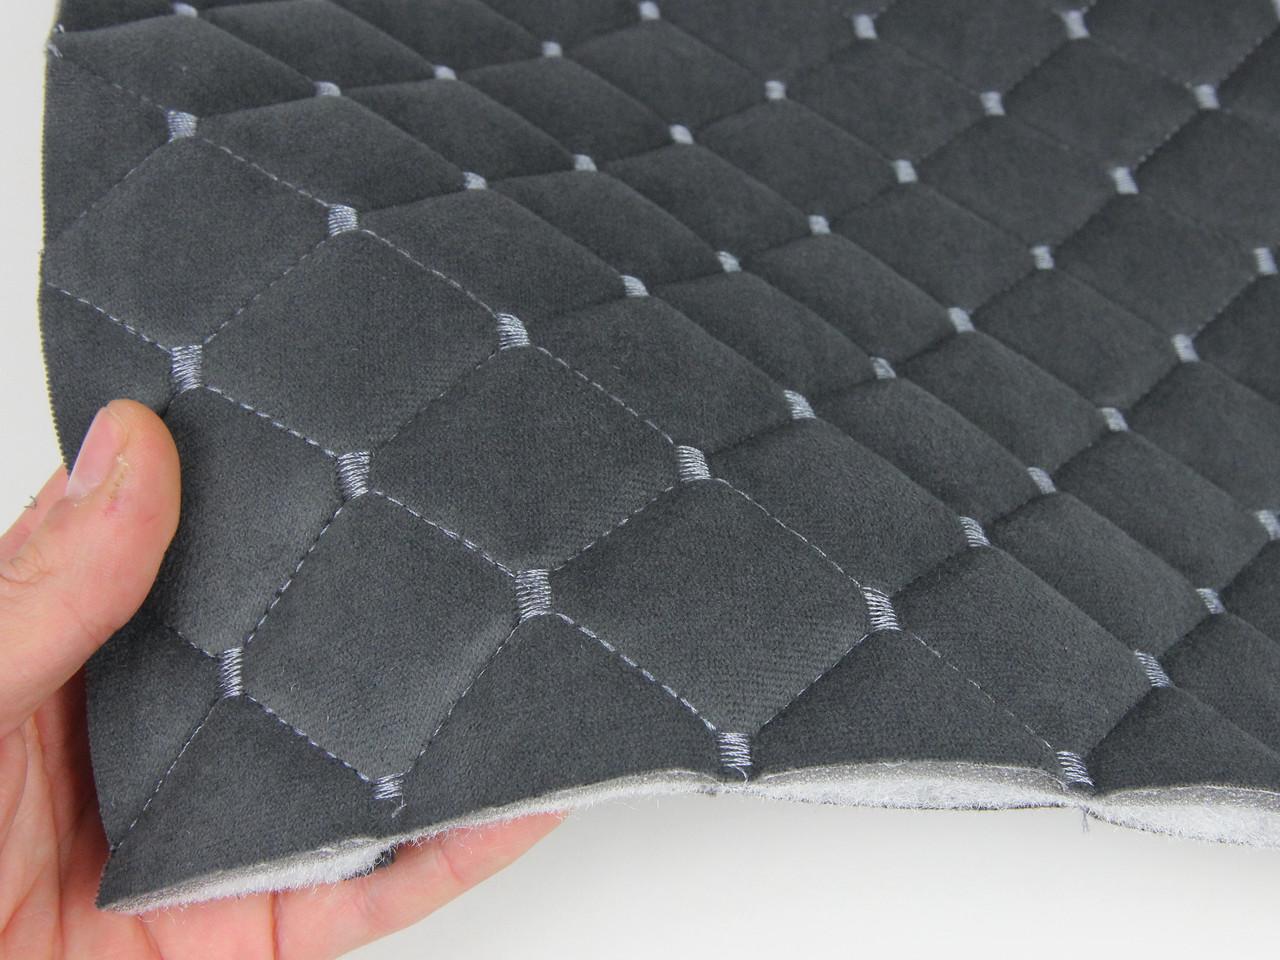 Велюр TRINITY стьобаний темно-сірий «Ромб» (прошитий сірою ниткою поролон, синтепоном і флізеліном шир 1,35 м